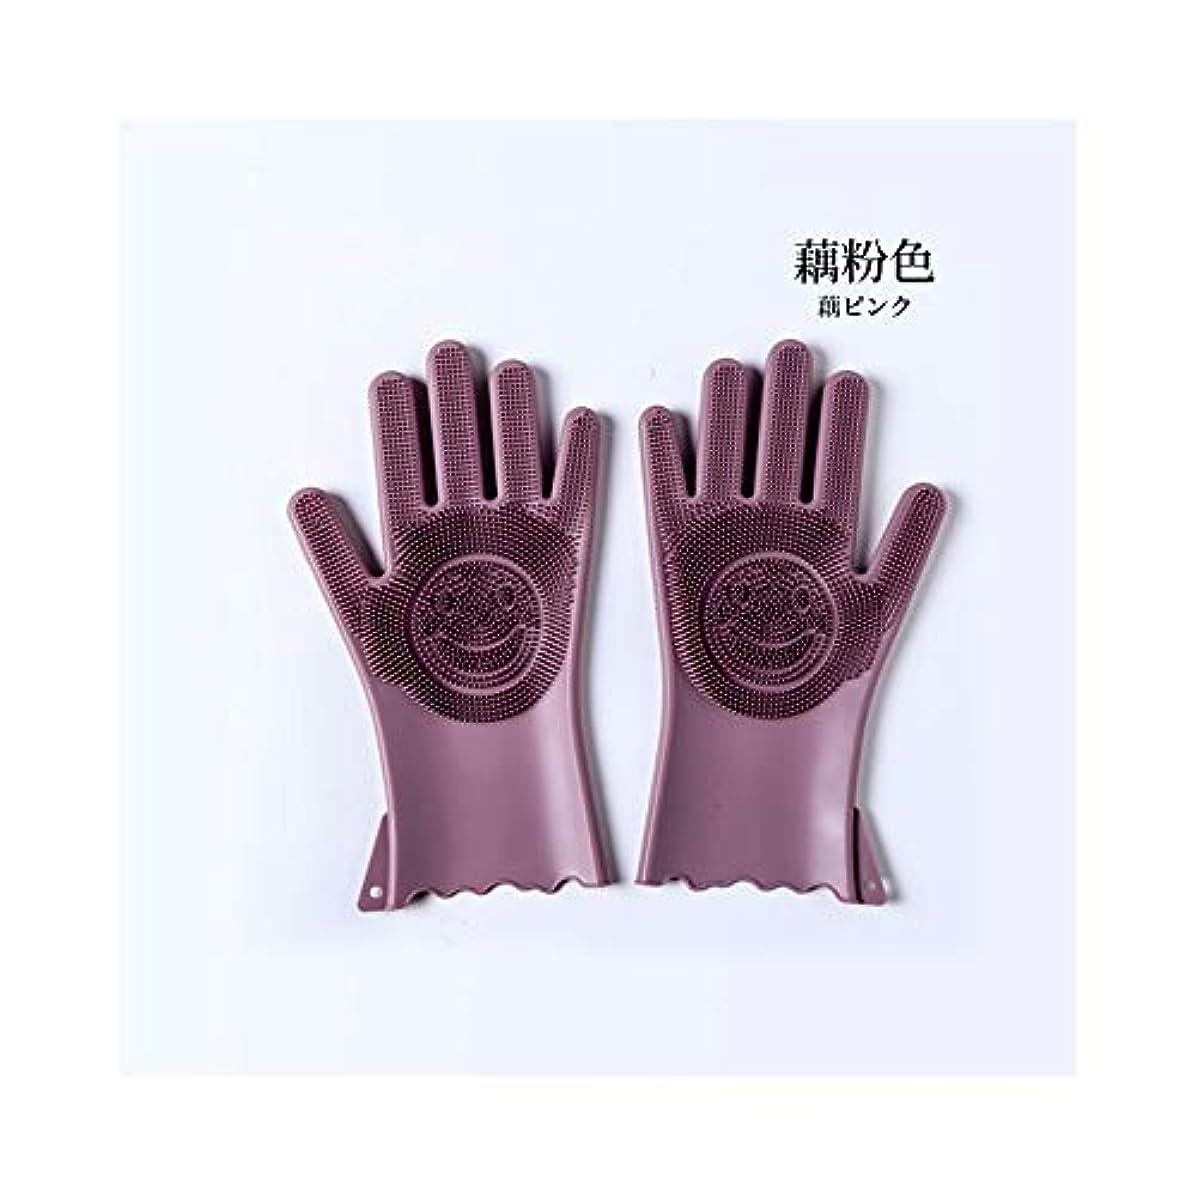 祭り毛細血管平和な使い捨て手袋 作業用手袋防水厚くて丈夫なシリコーン多機能キッチン家庭用手袋 ニトリルゴム手袋 (Color : PINK, Size : M)